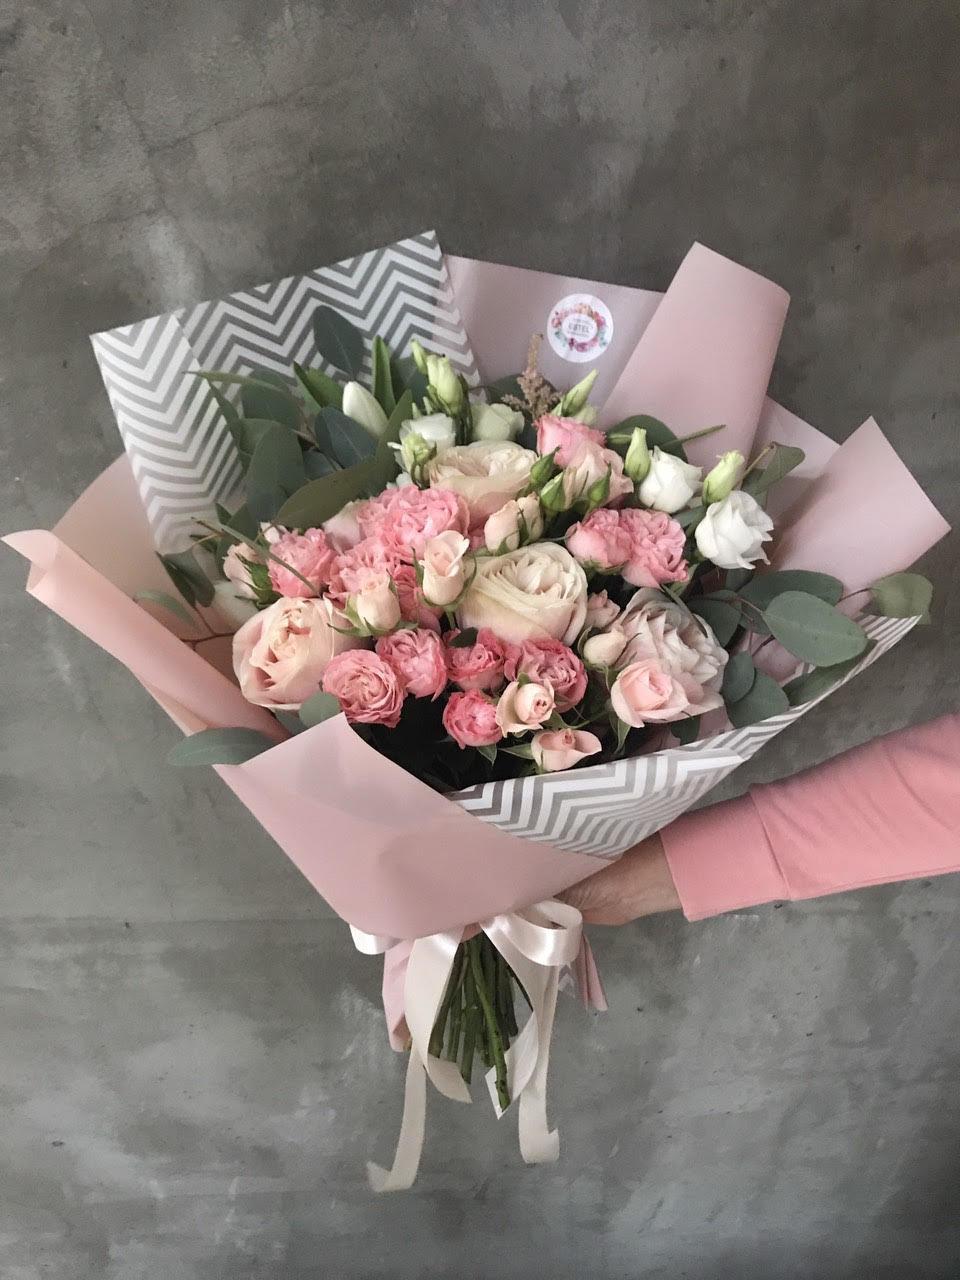 Закажи красивый букет в новом цветочном магазине - получи доставку в подарок!, фото-10